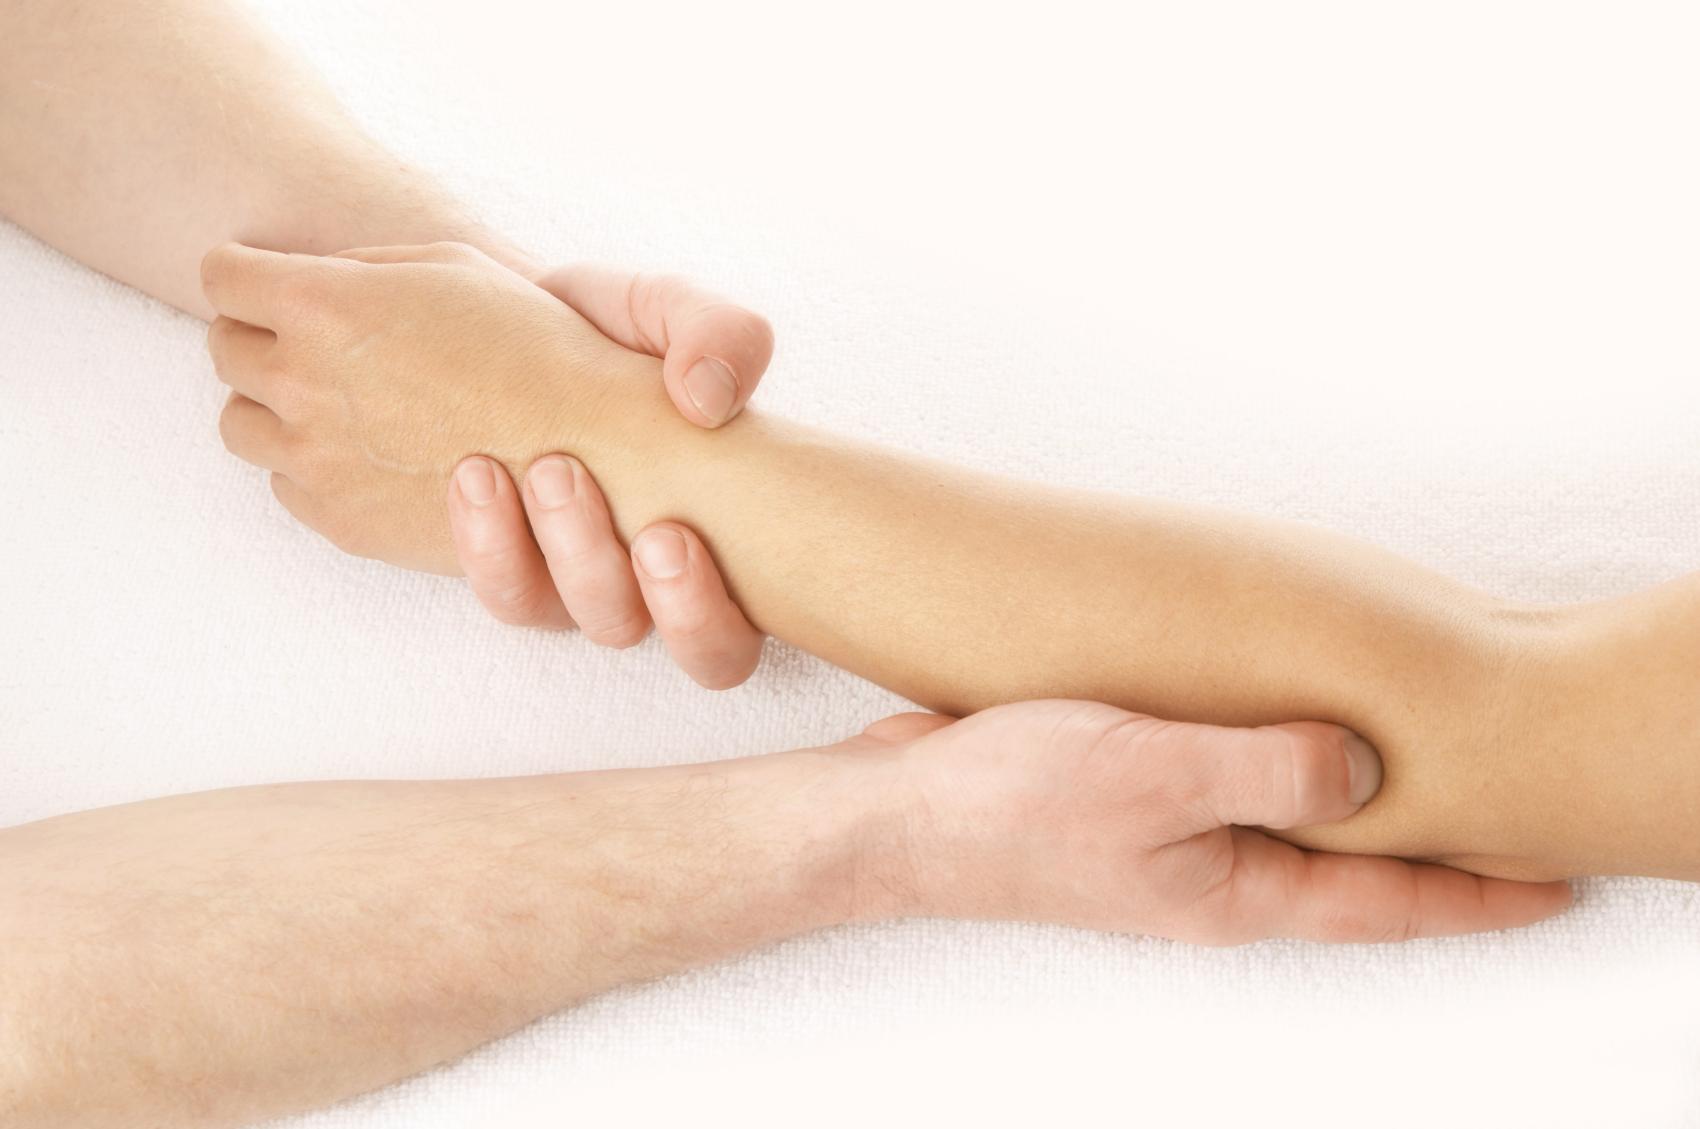 remedios caseros para el dolor de brazo izquierdo